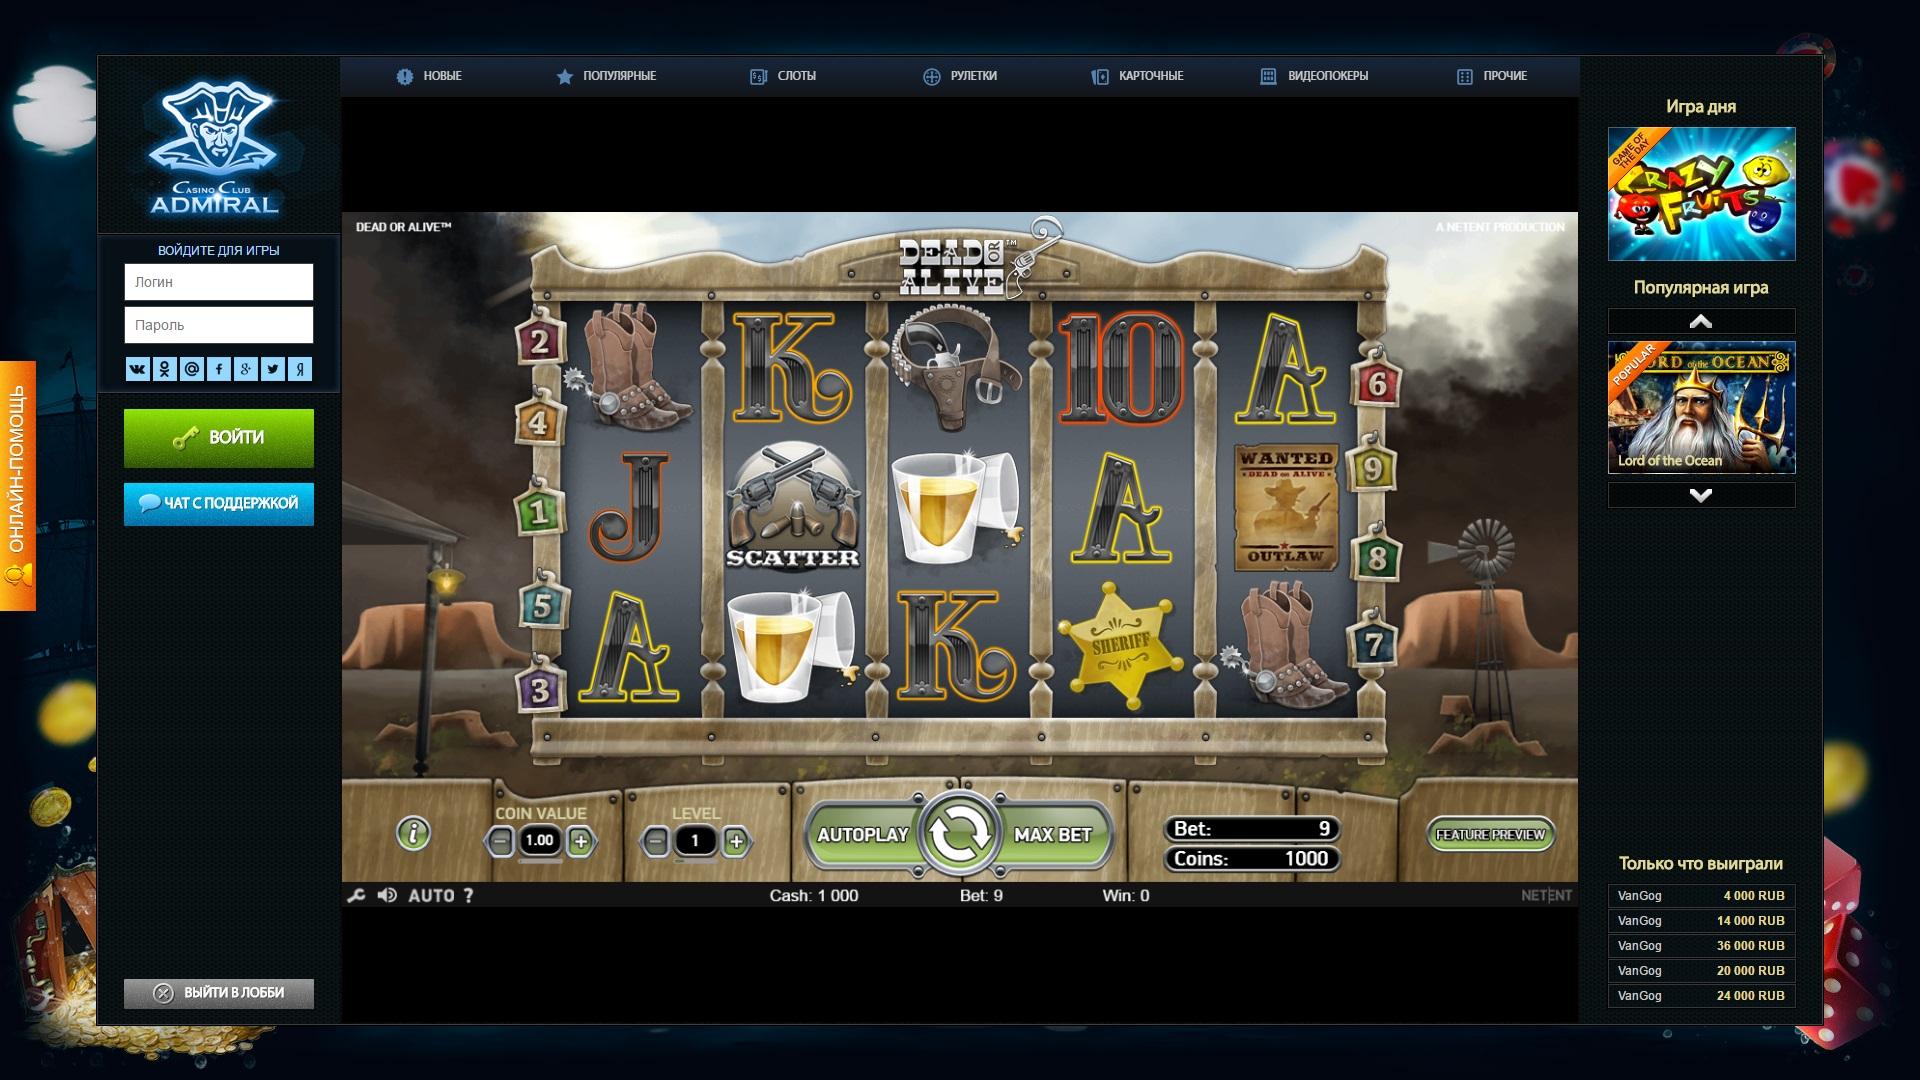 Игровые автоматы играть лицензия игровые автоматы пробки играть онлайн бесплатно